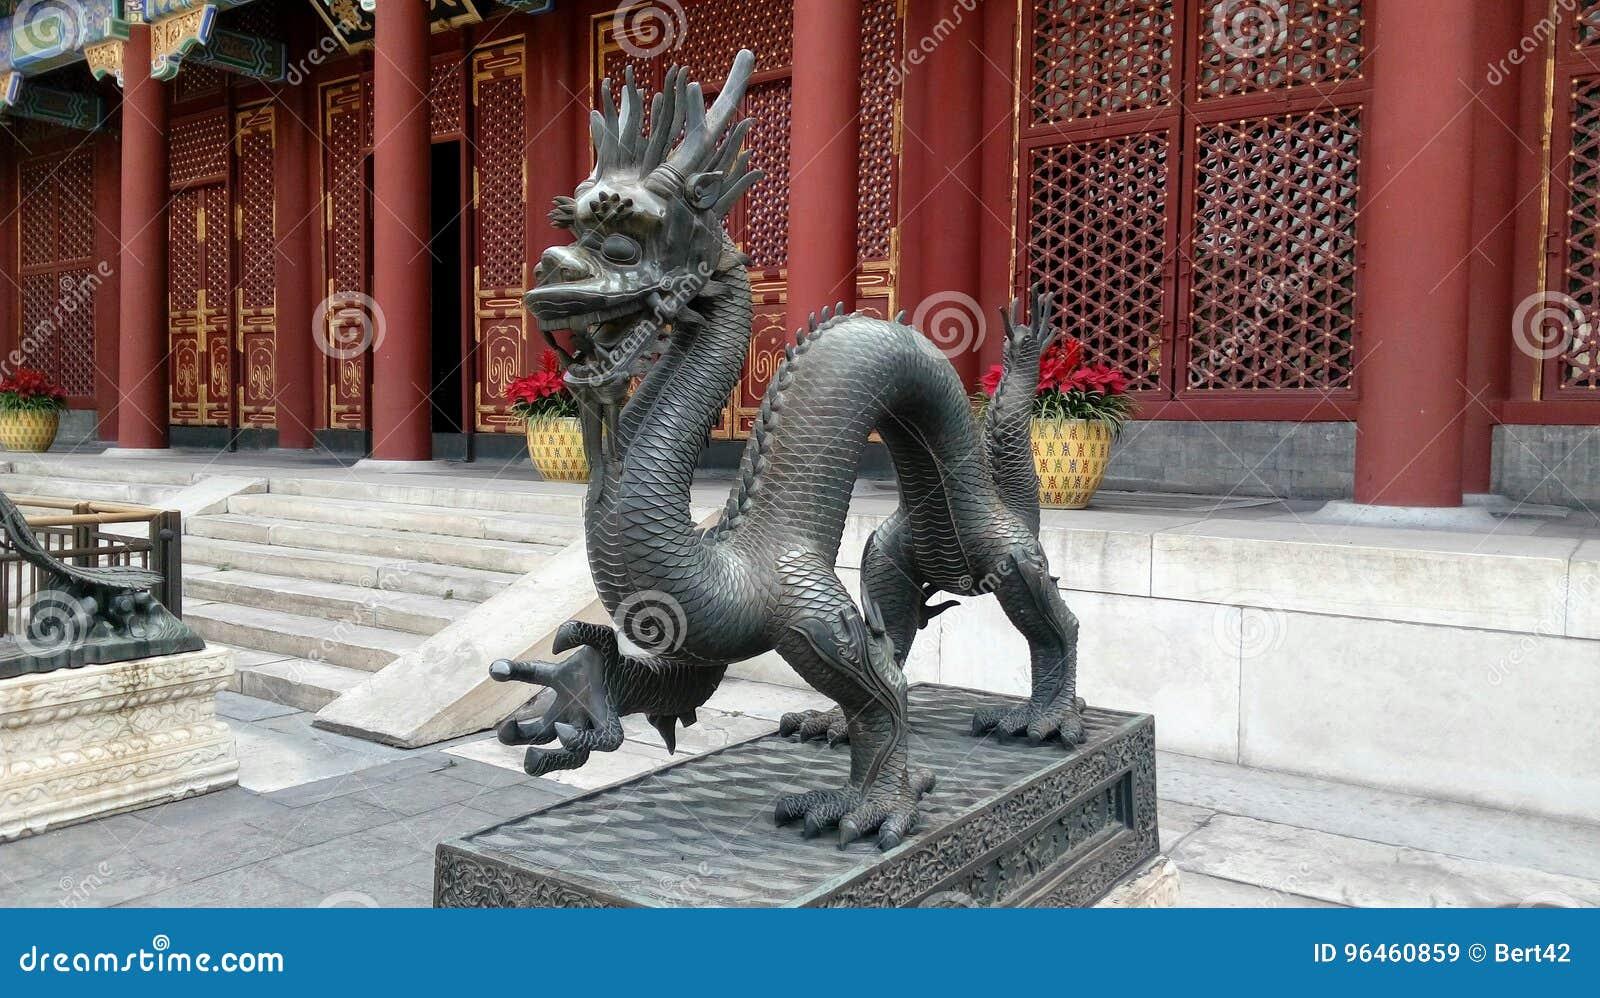 Statue en bronze de dragon gardant la porte est - palais d été, Pékin